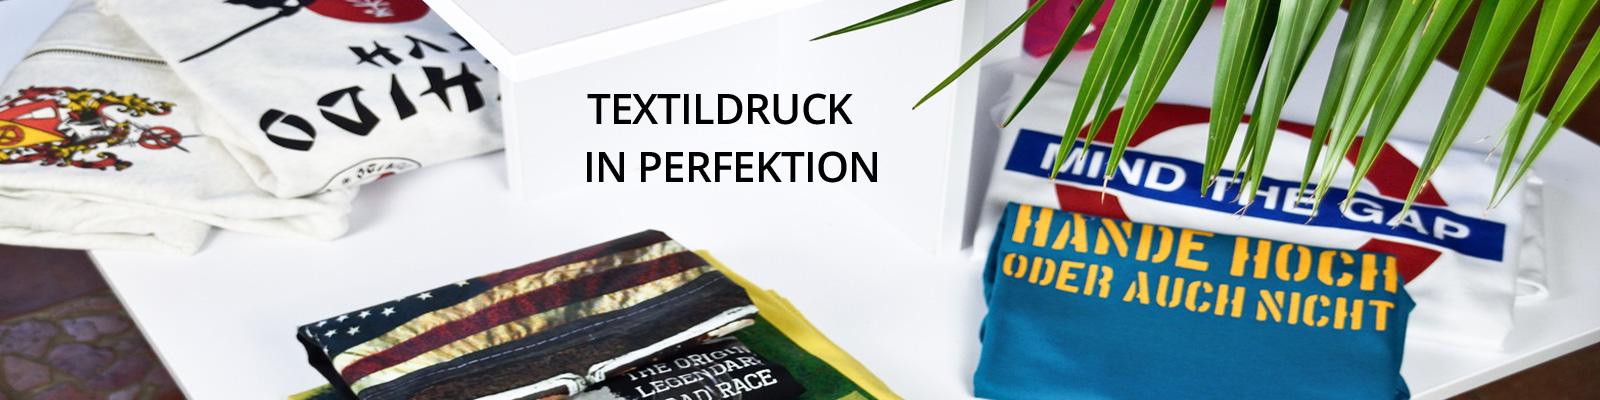 Makesigns Mediendesign Linkenheim-Hochstetten - Werbung, Marketing, Design und Textildruck. Offizieller Stanley & Stella Händler. Textildruck in Perfektion. Produziert mit EPSON nach Öko 100 Standard.